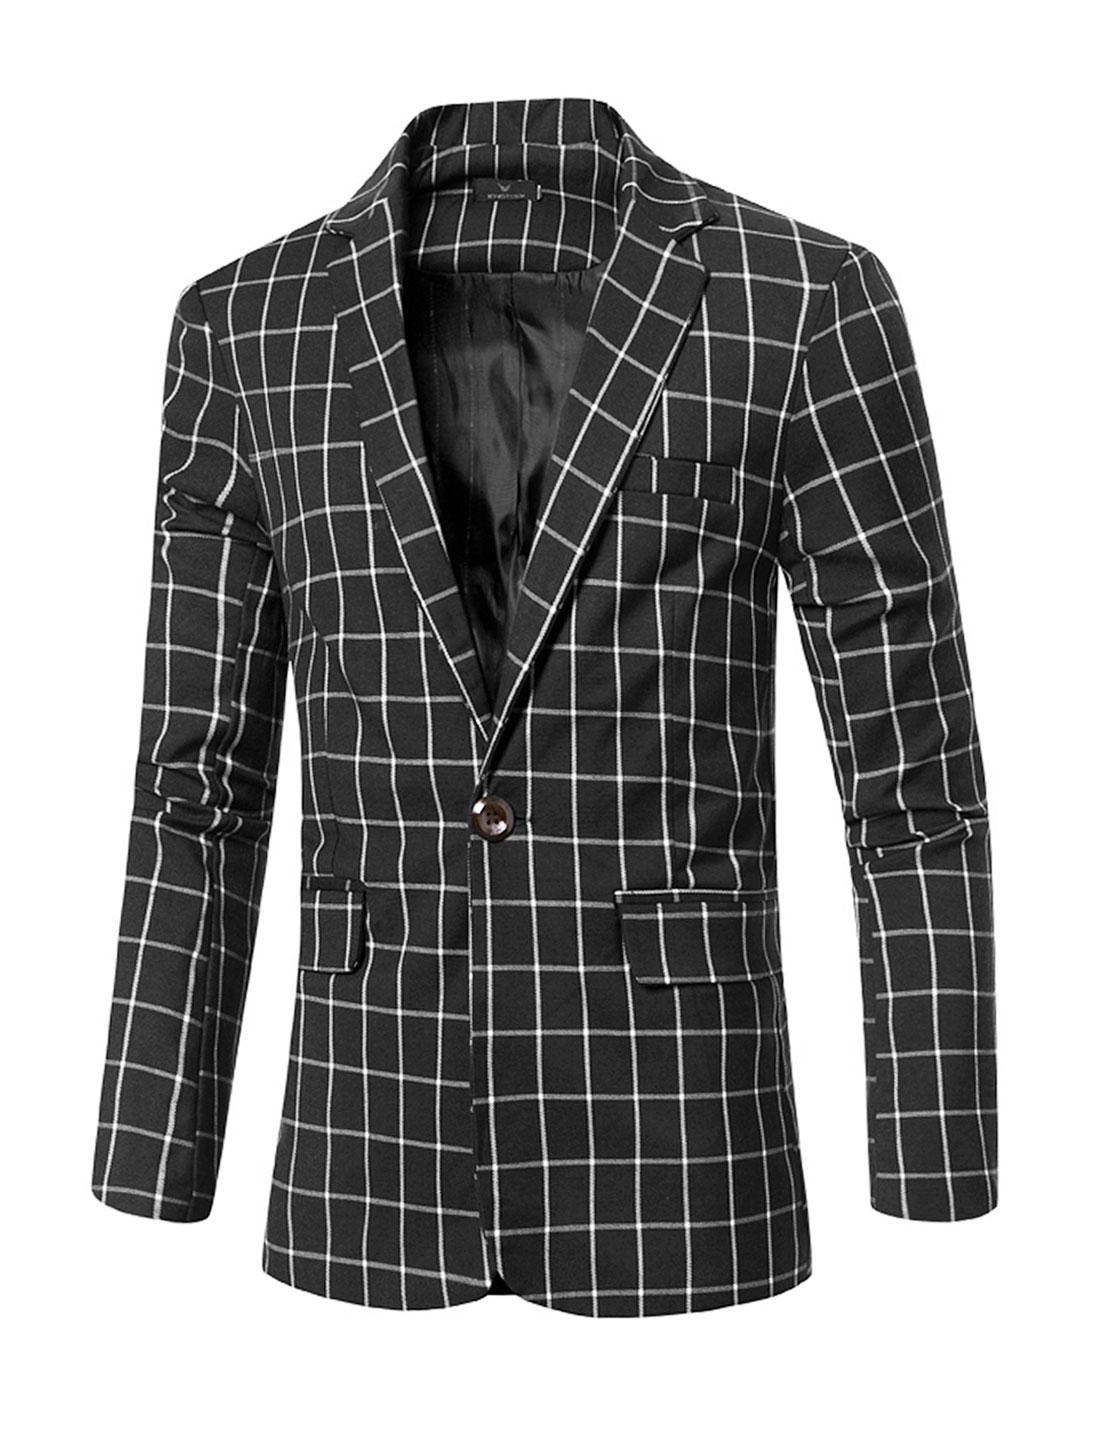 Men Notched Lapel Checks One-Button Pockets Blazer Black M